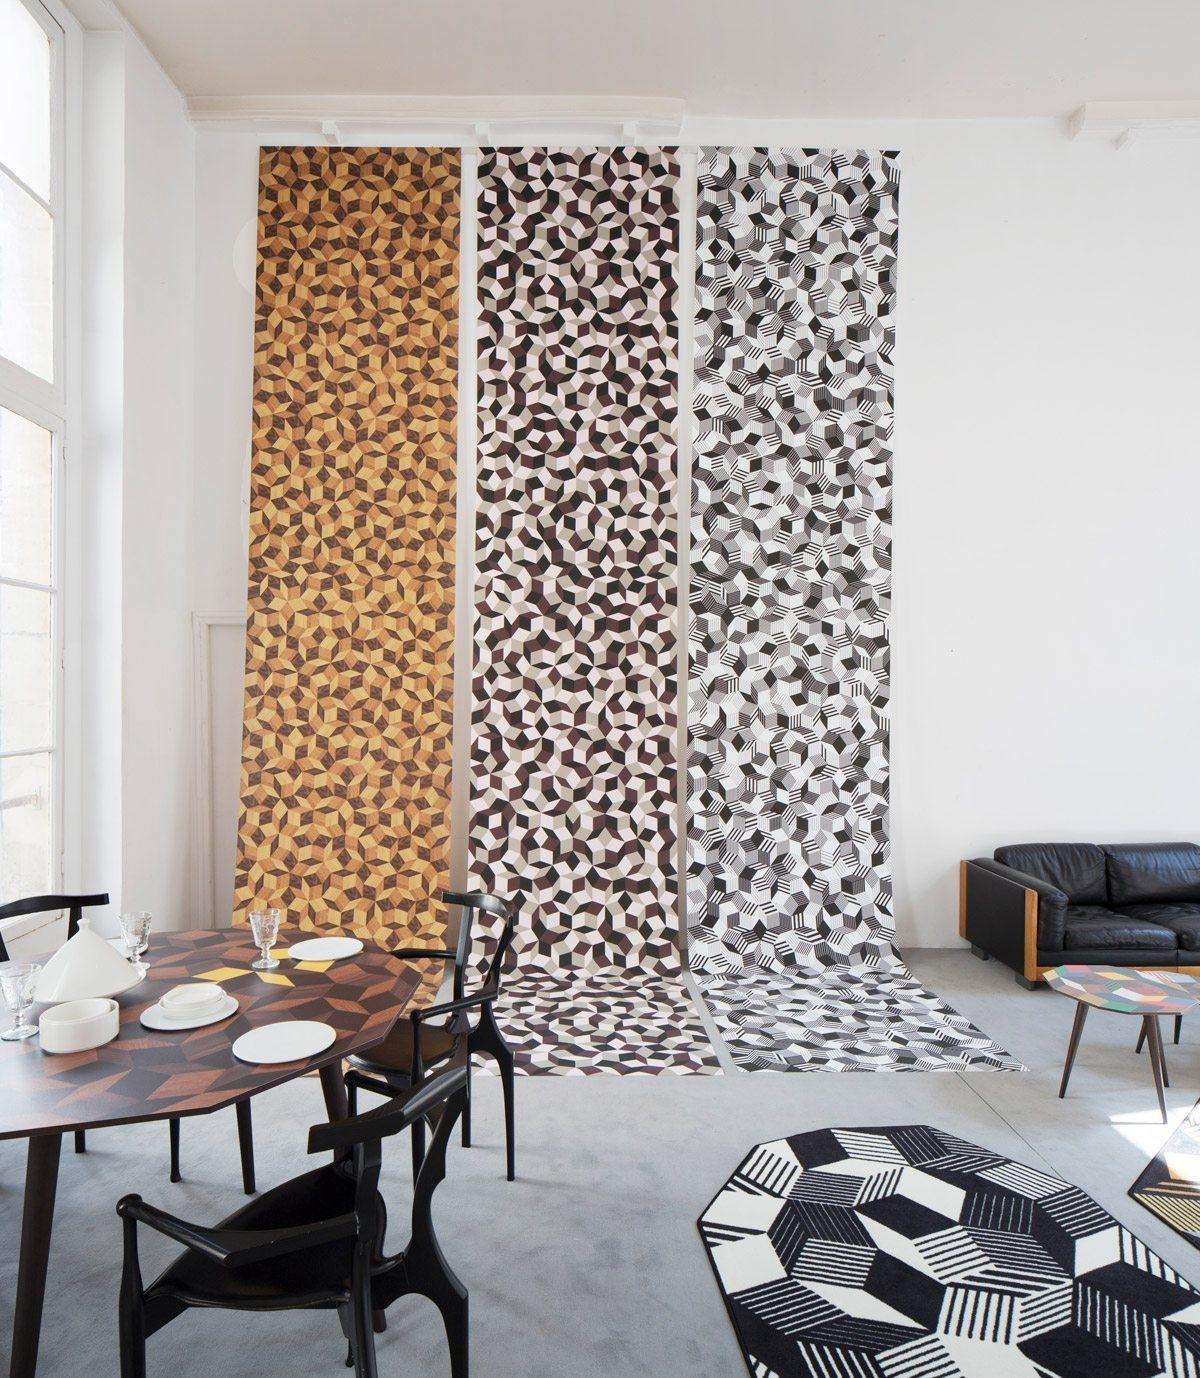 Exposition Penrose Project, Ich&Kar - Bazartherapy, Paris Design Week 2015, lés de papiers peints aux motif géométrique et table à manger Summer Wood, restaurant Le Derrière